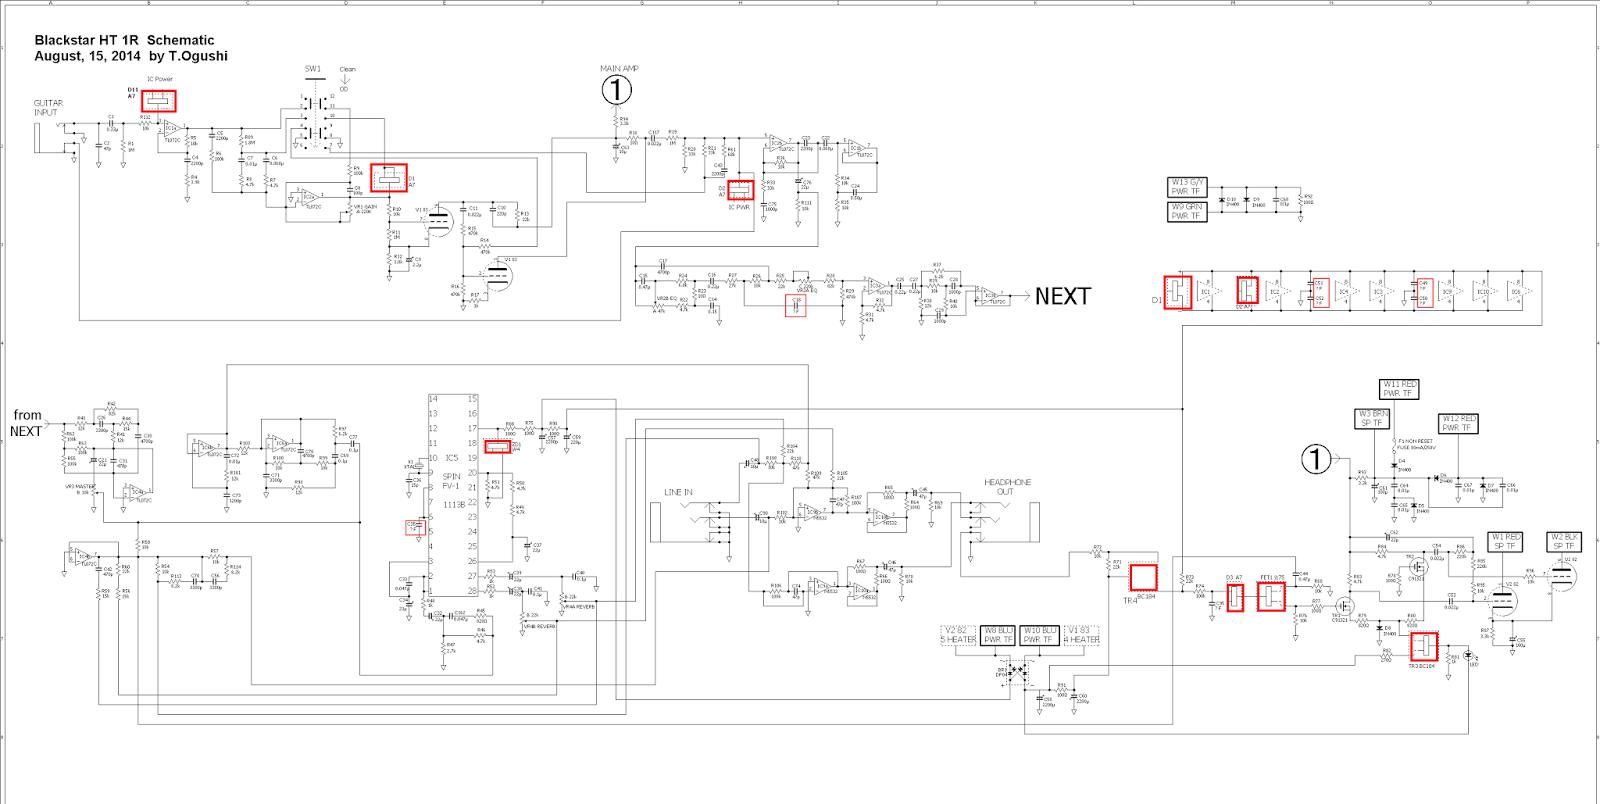 Hardrocker Blackstar Ht 1r Schematic For Repair